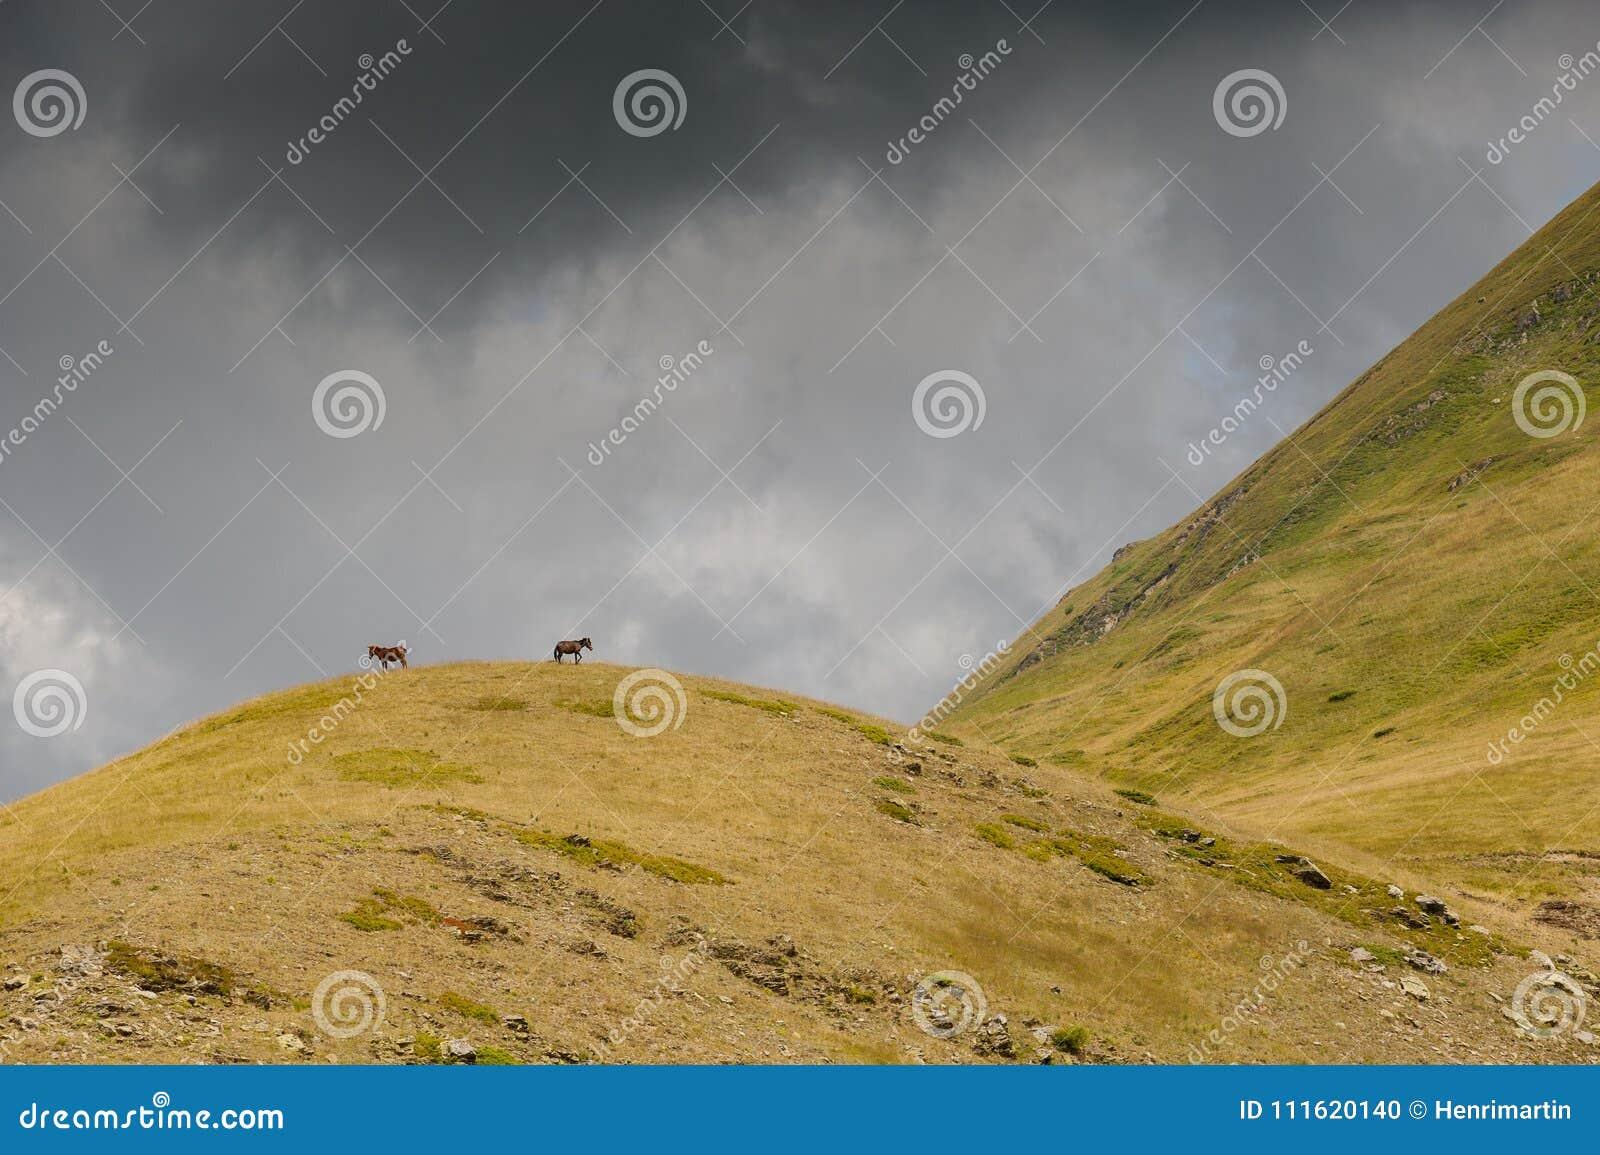 Konie na wzgórzu przychodzi up burzy i